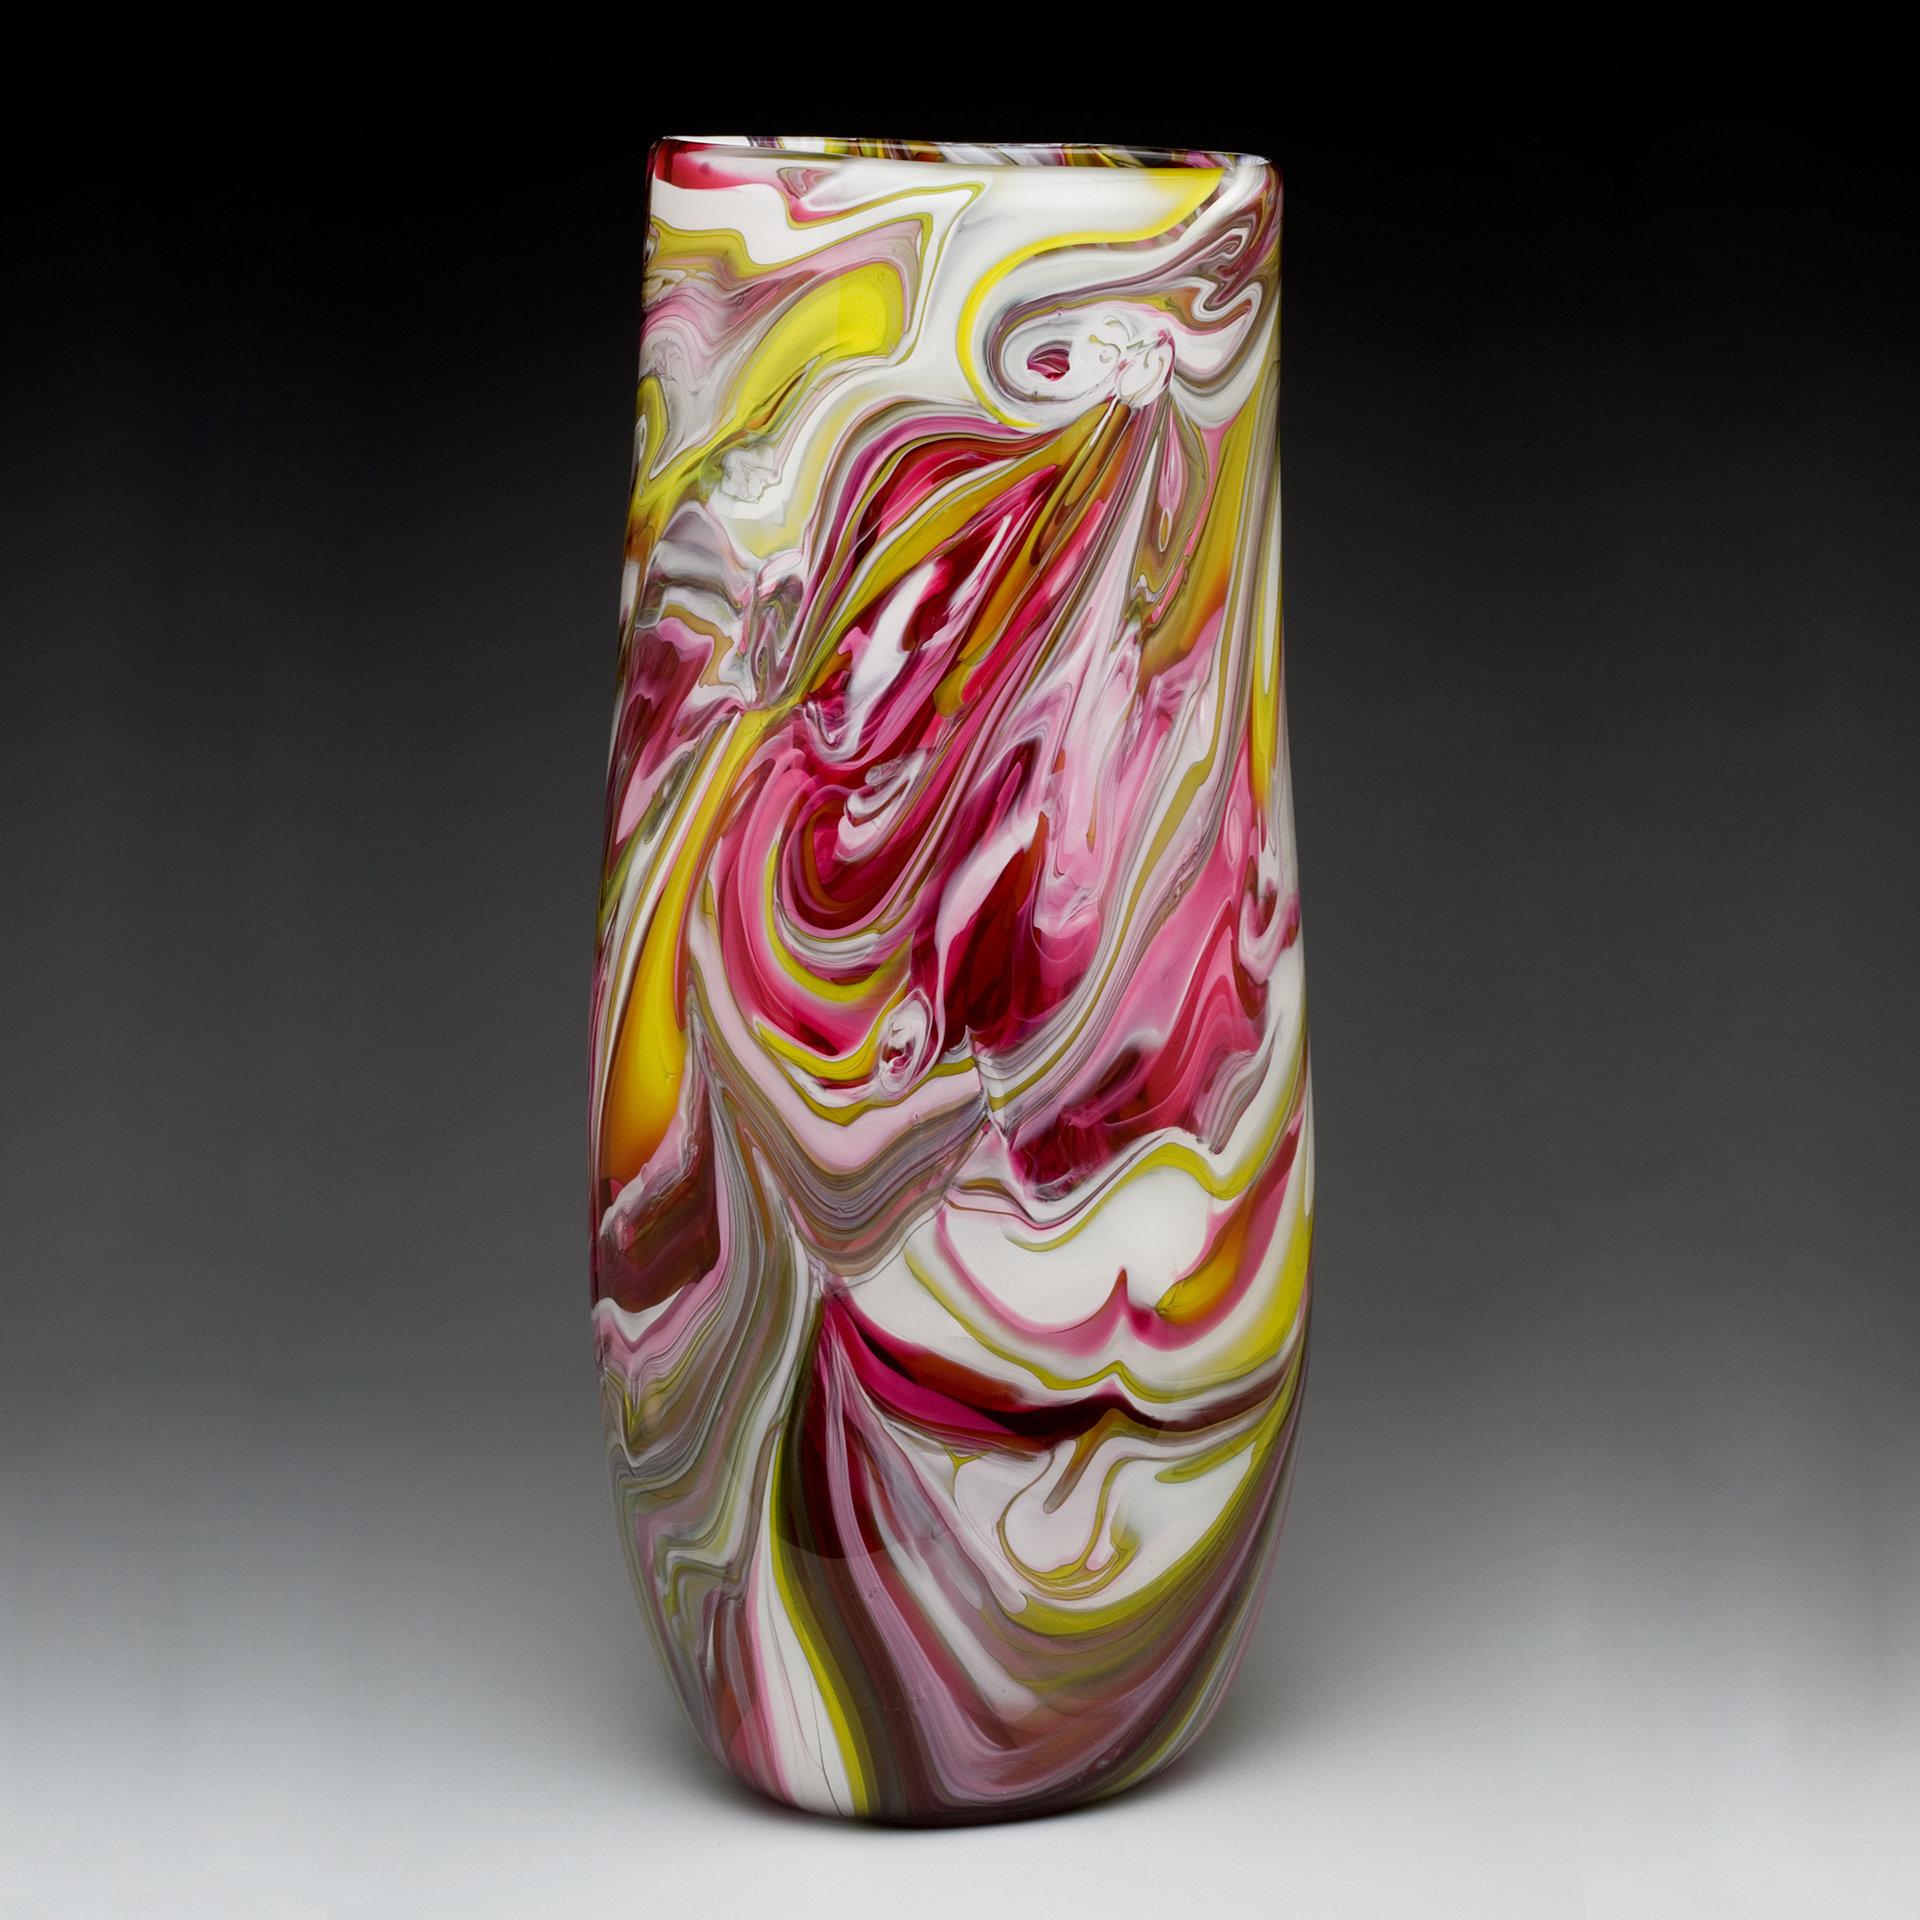 Flattened Cylinder Marble Vase By Bryan Goldenberg Art Glass Vase Artful Home